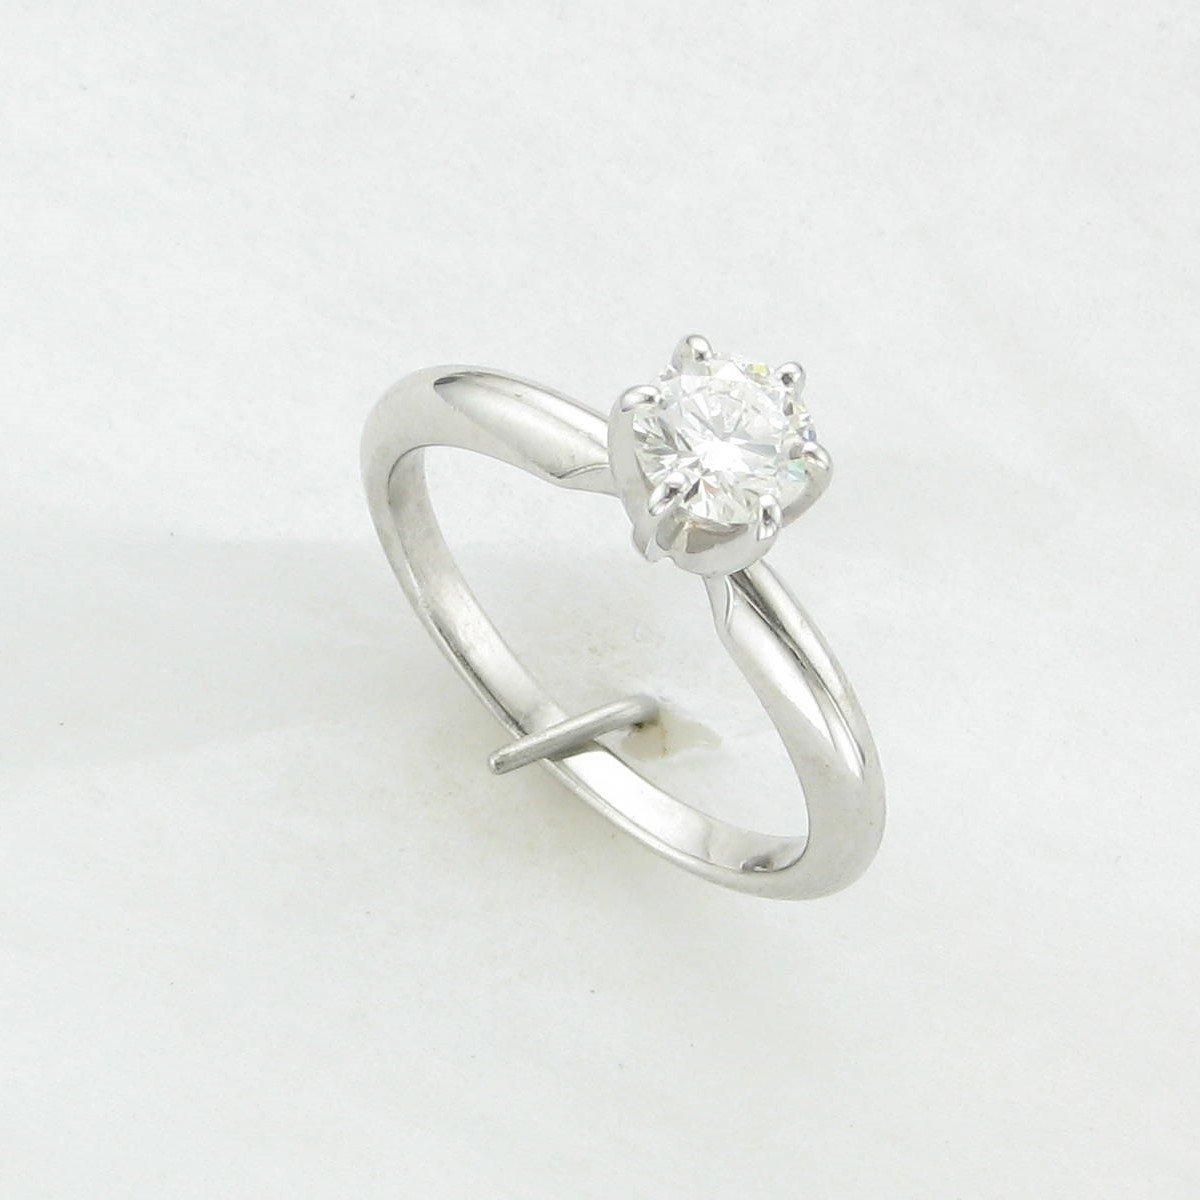 0.50ct Round Diamond Ring Set in 14 Karat White Gold